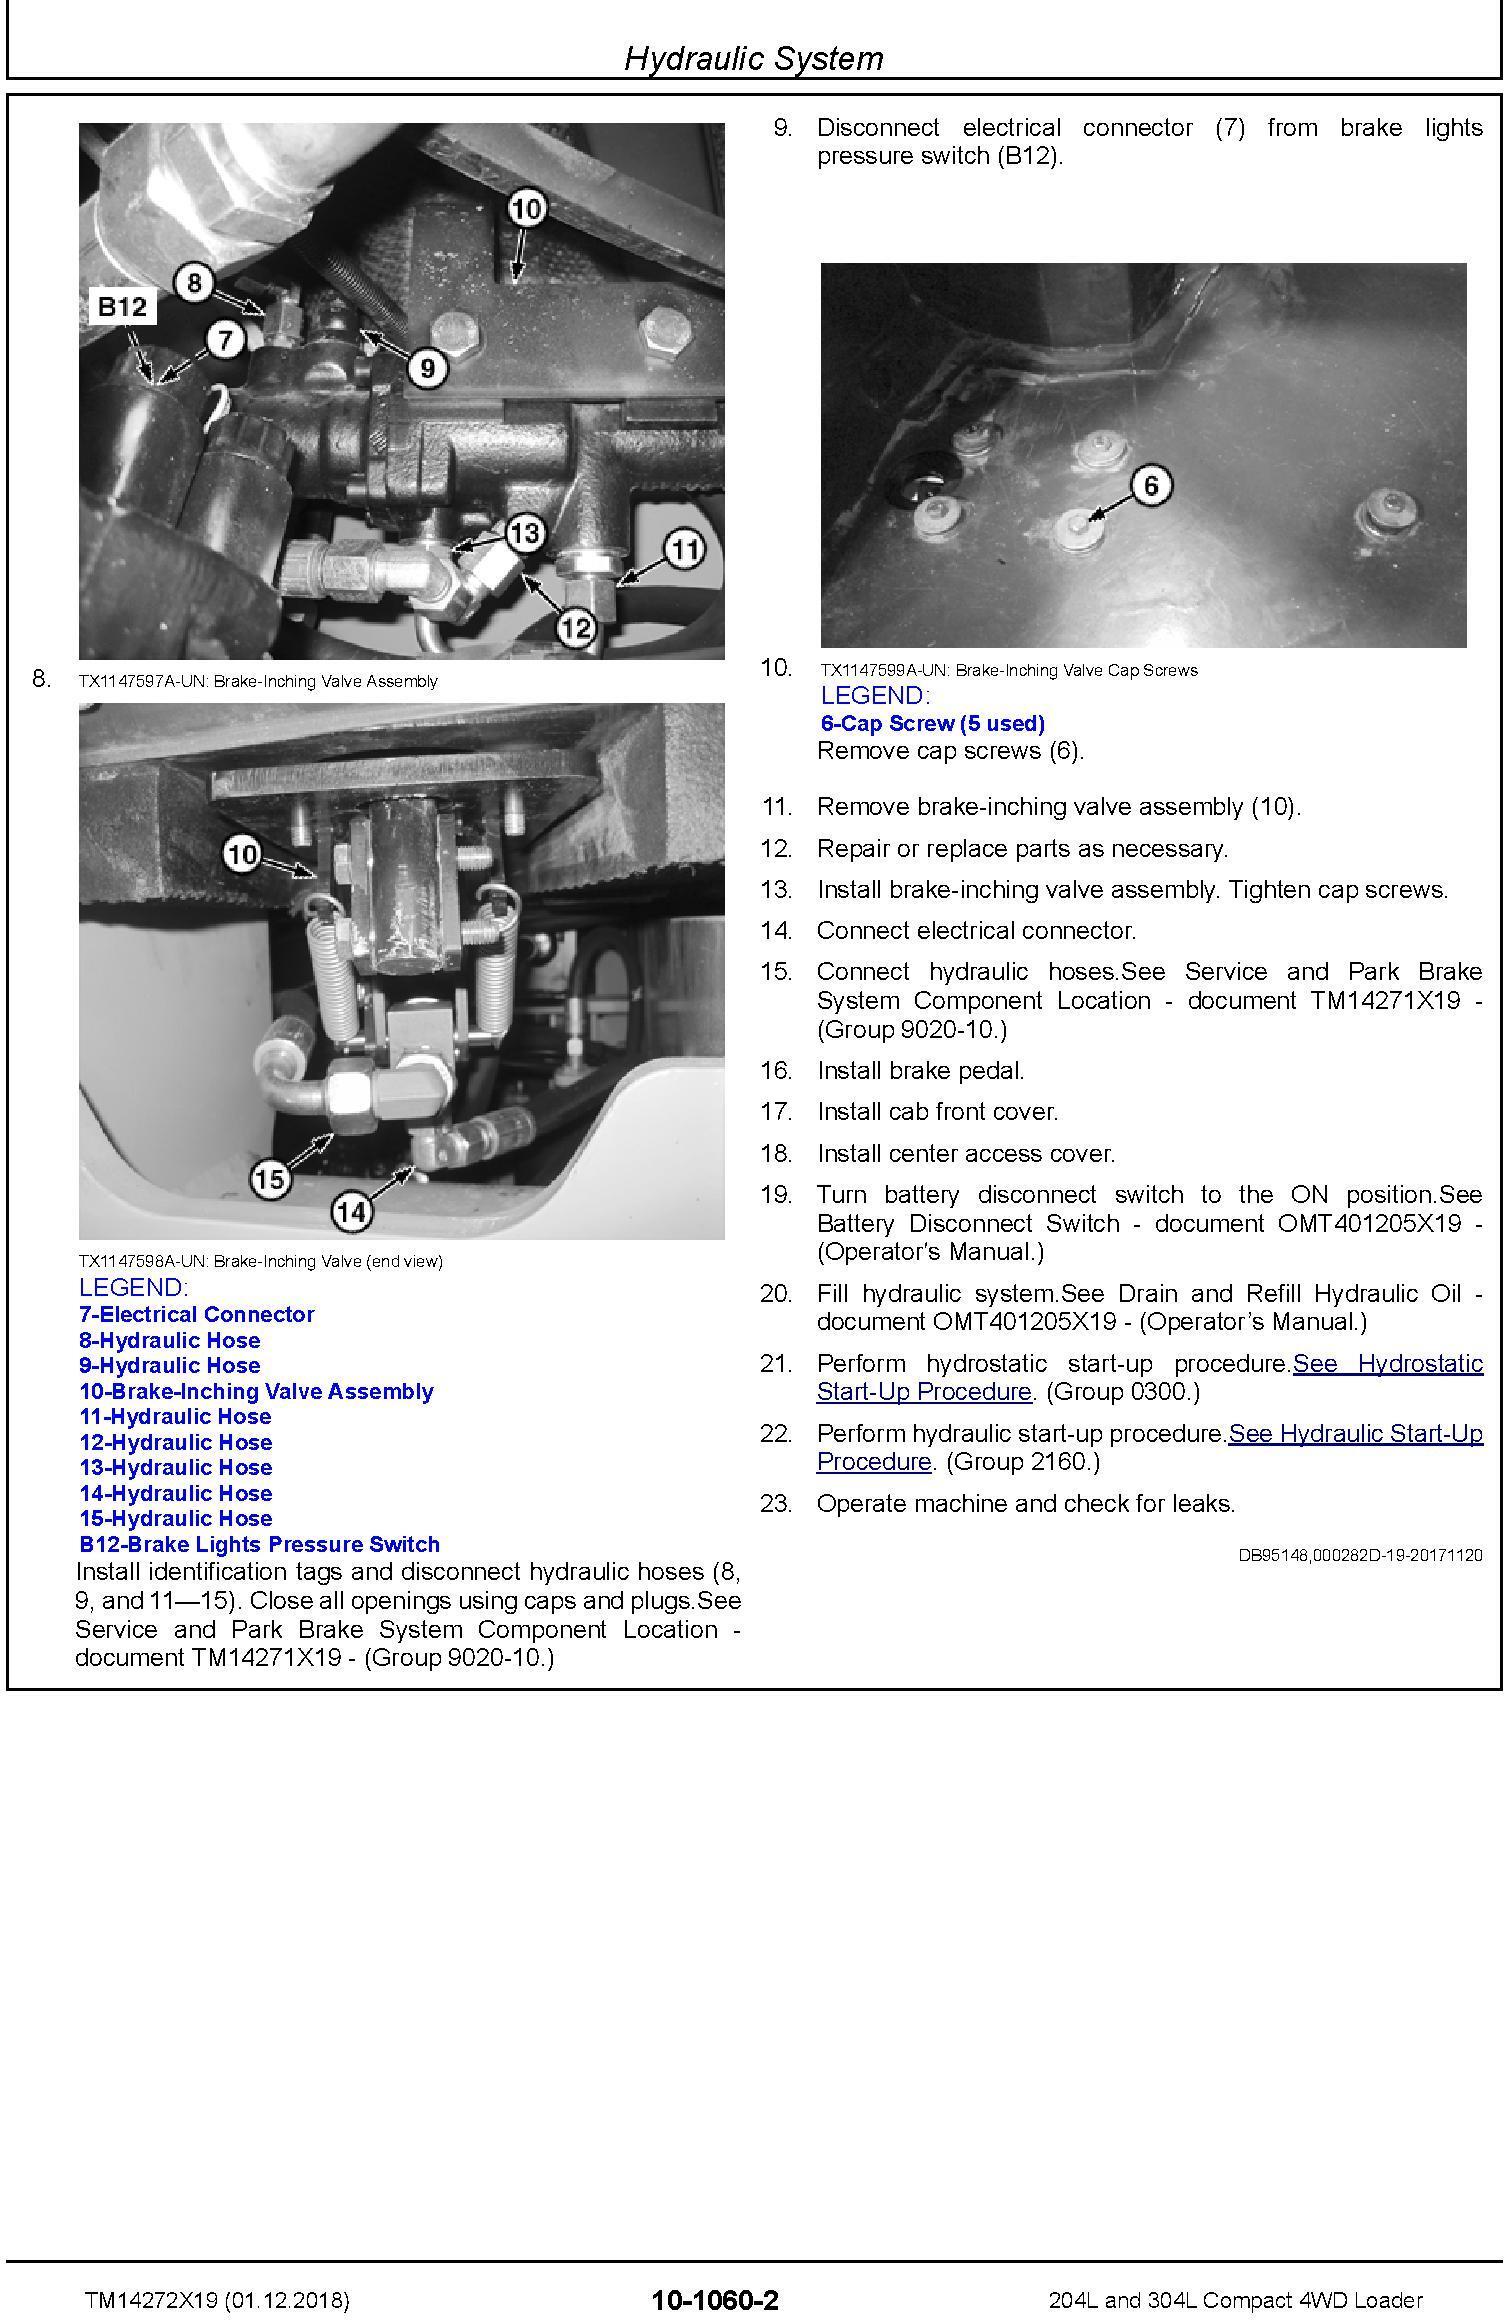 John Deere 204L and 304L (SN. B040073-) Compact 4WD Loader Service Repair Manual (TM14272X19) - 1